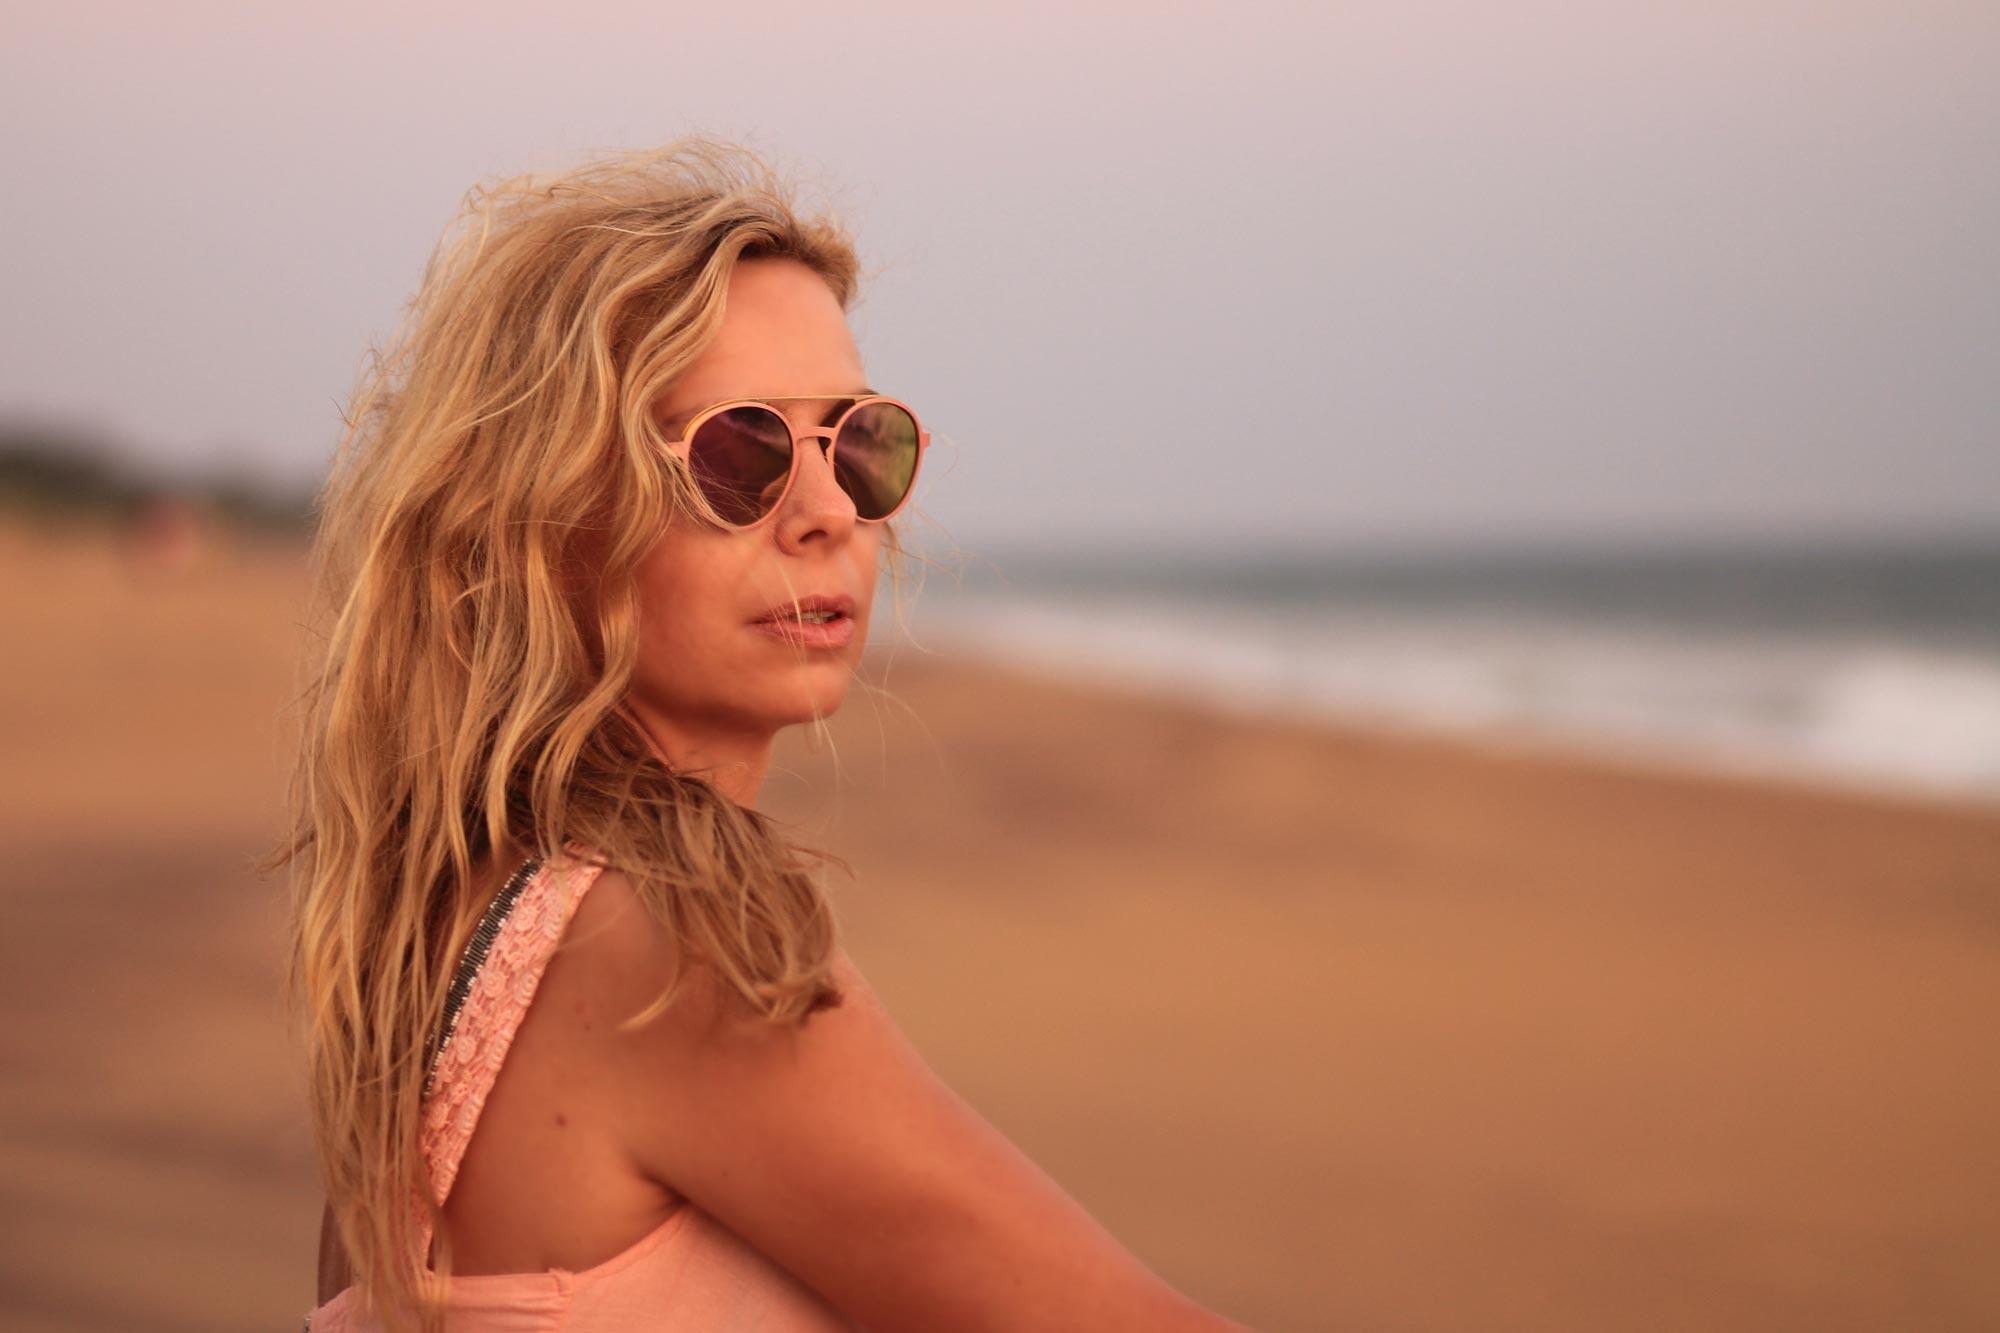 Etnia Sonnenbrille in tollen Farben und Spiegeln für Frauen von Optik Sagawe aus Rostock